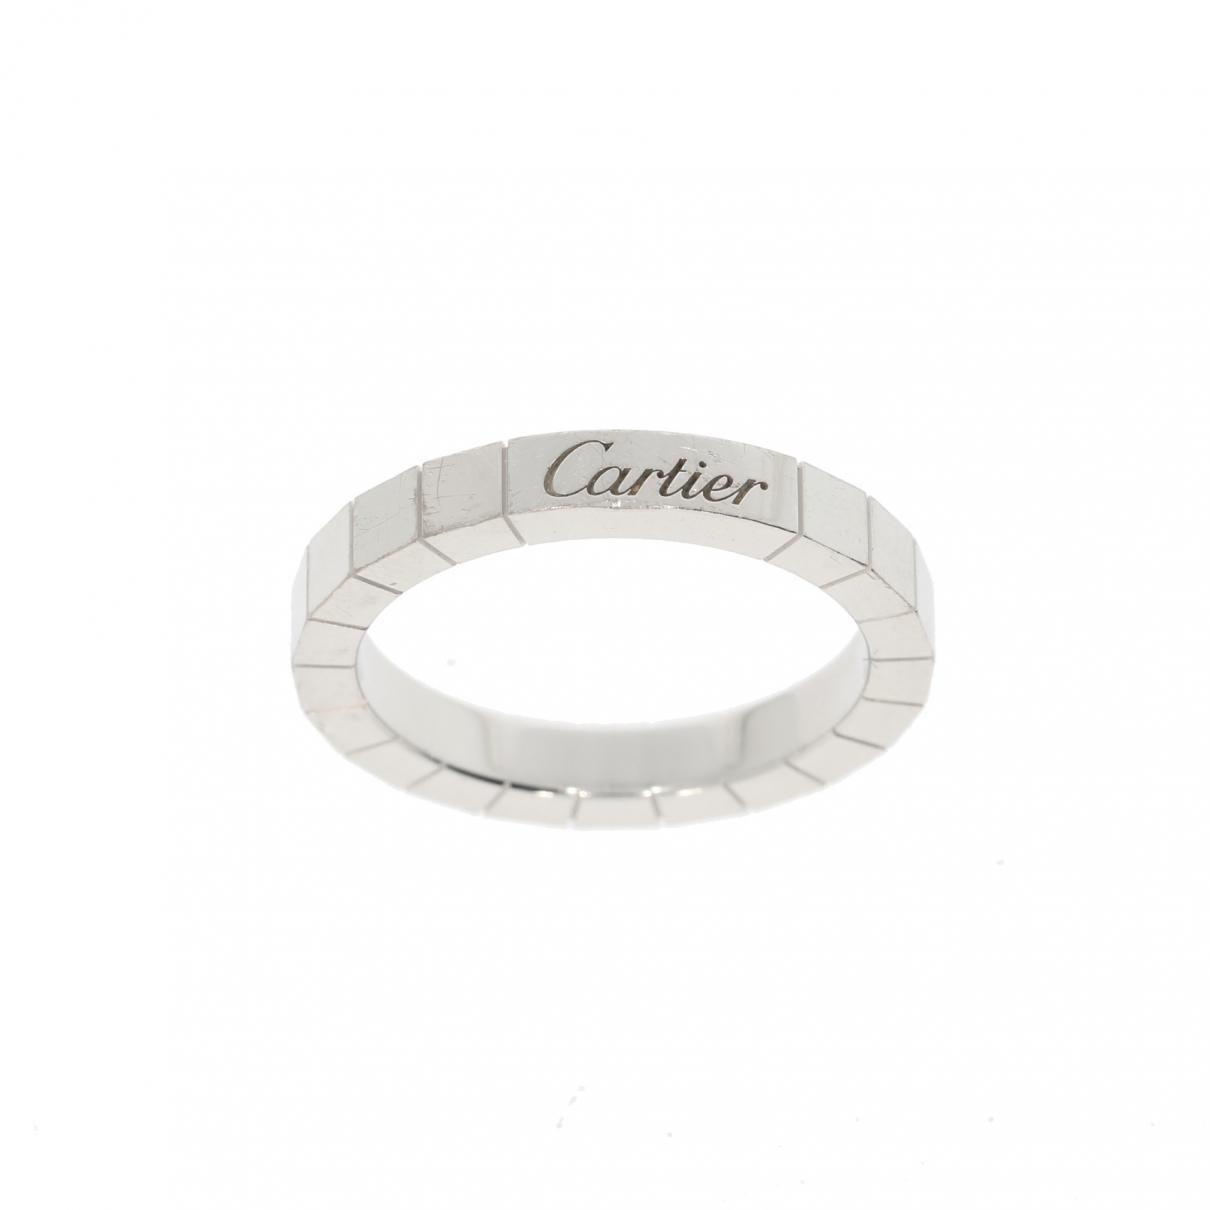 Cartier - Bague Lanieres pour femme en or blanc - argente